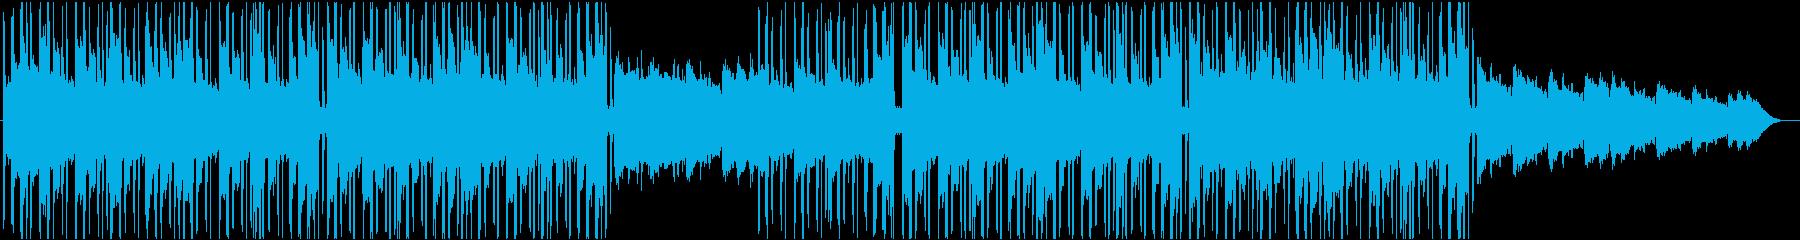 スタイリッシュなヒップホップのリラックスの再生済みの波形